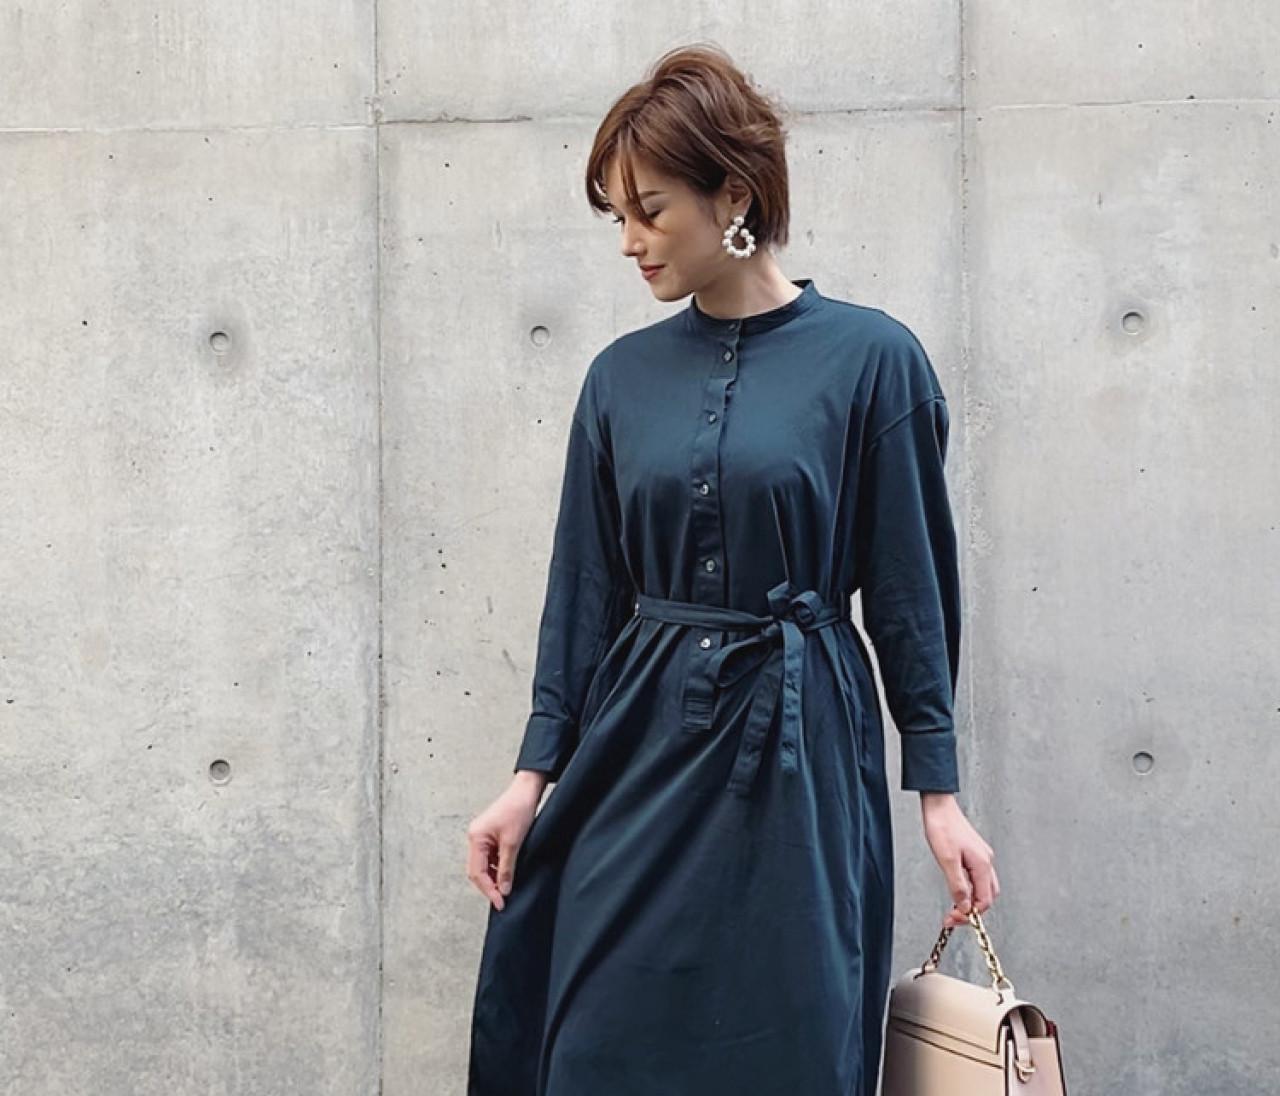 【アラサー&30代のユニクロ・ZARA・GUコーデまとめ】プチプラ服を素敵に見せるヒントがいっぱい!